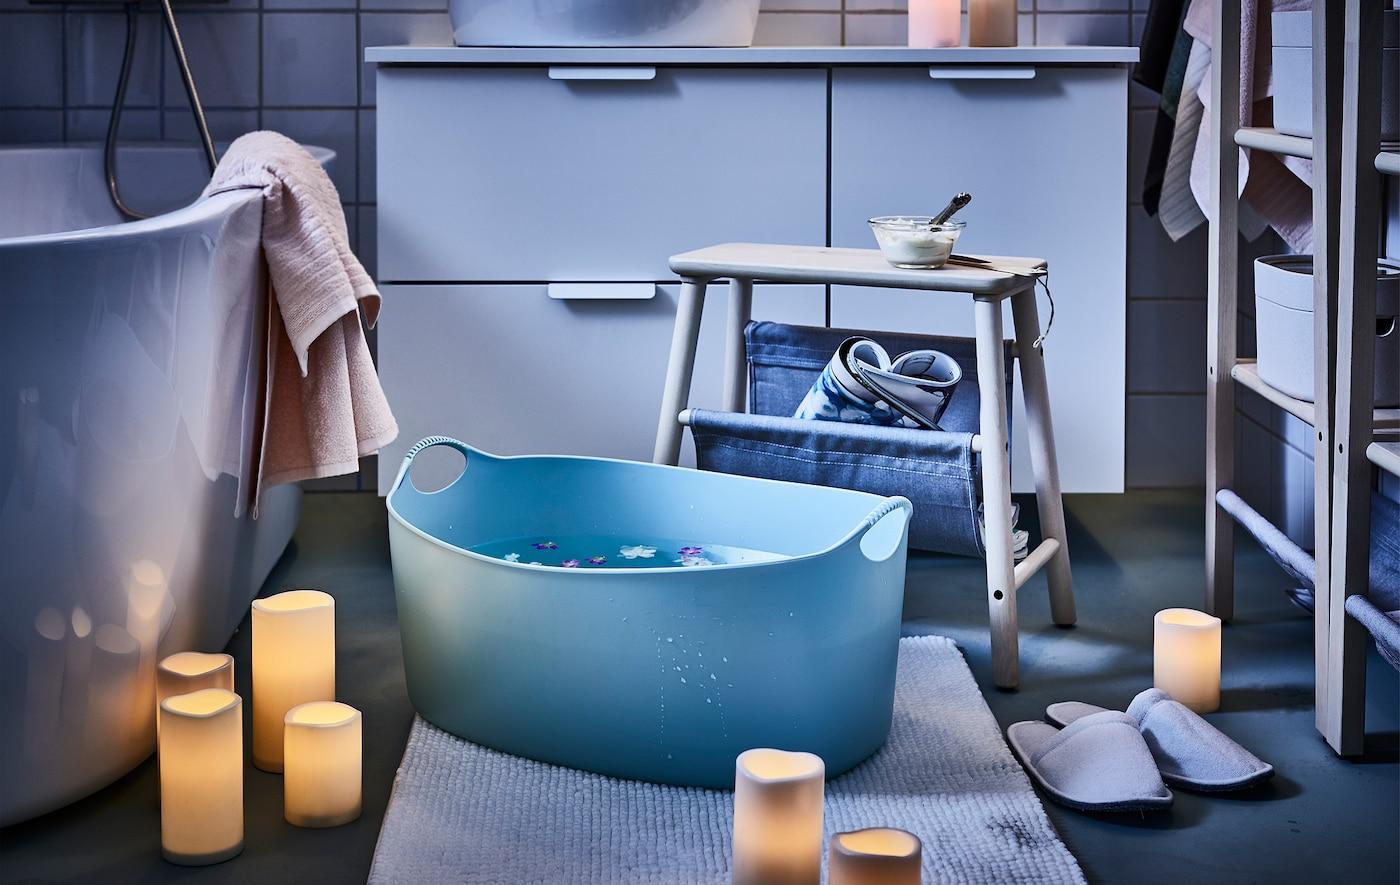 Badeværelse oplyst af tilfældigt placerede LED-bloklys. En taburet står ved siden af et stort fodbad, hvor der flyder blomster på vandet.